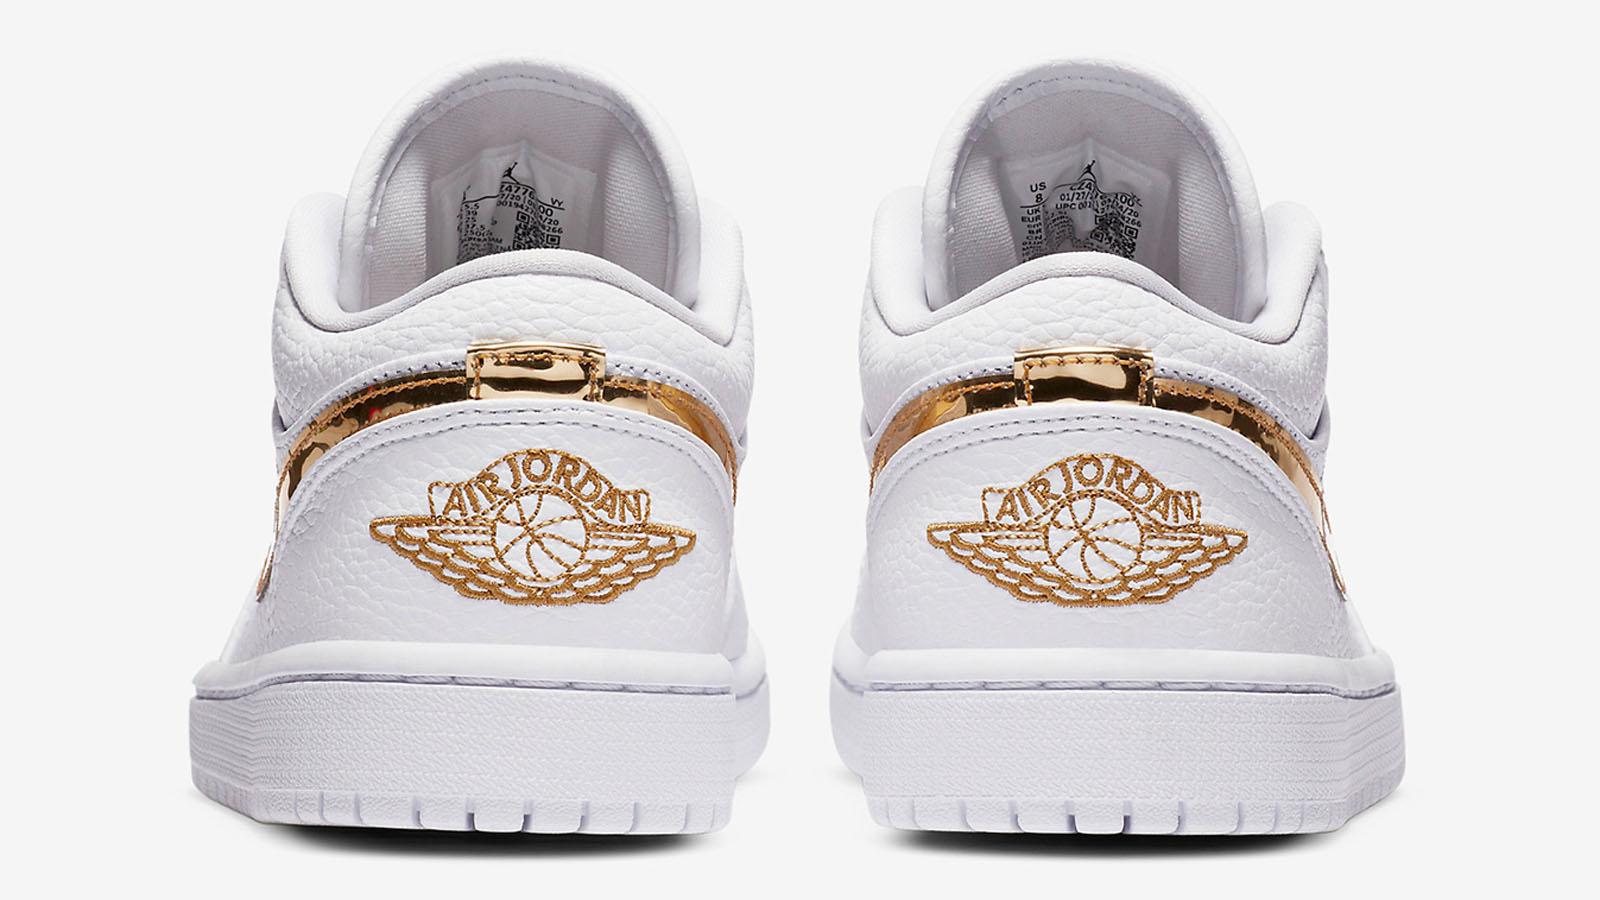 white gold air jordan 1 low heel shot